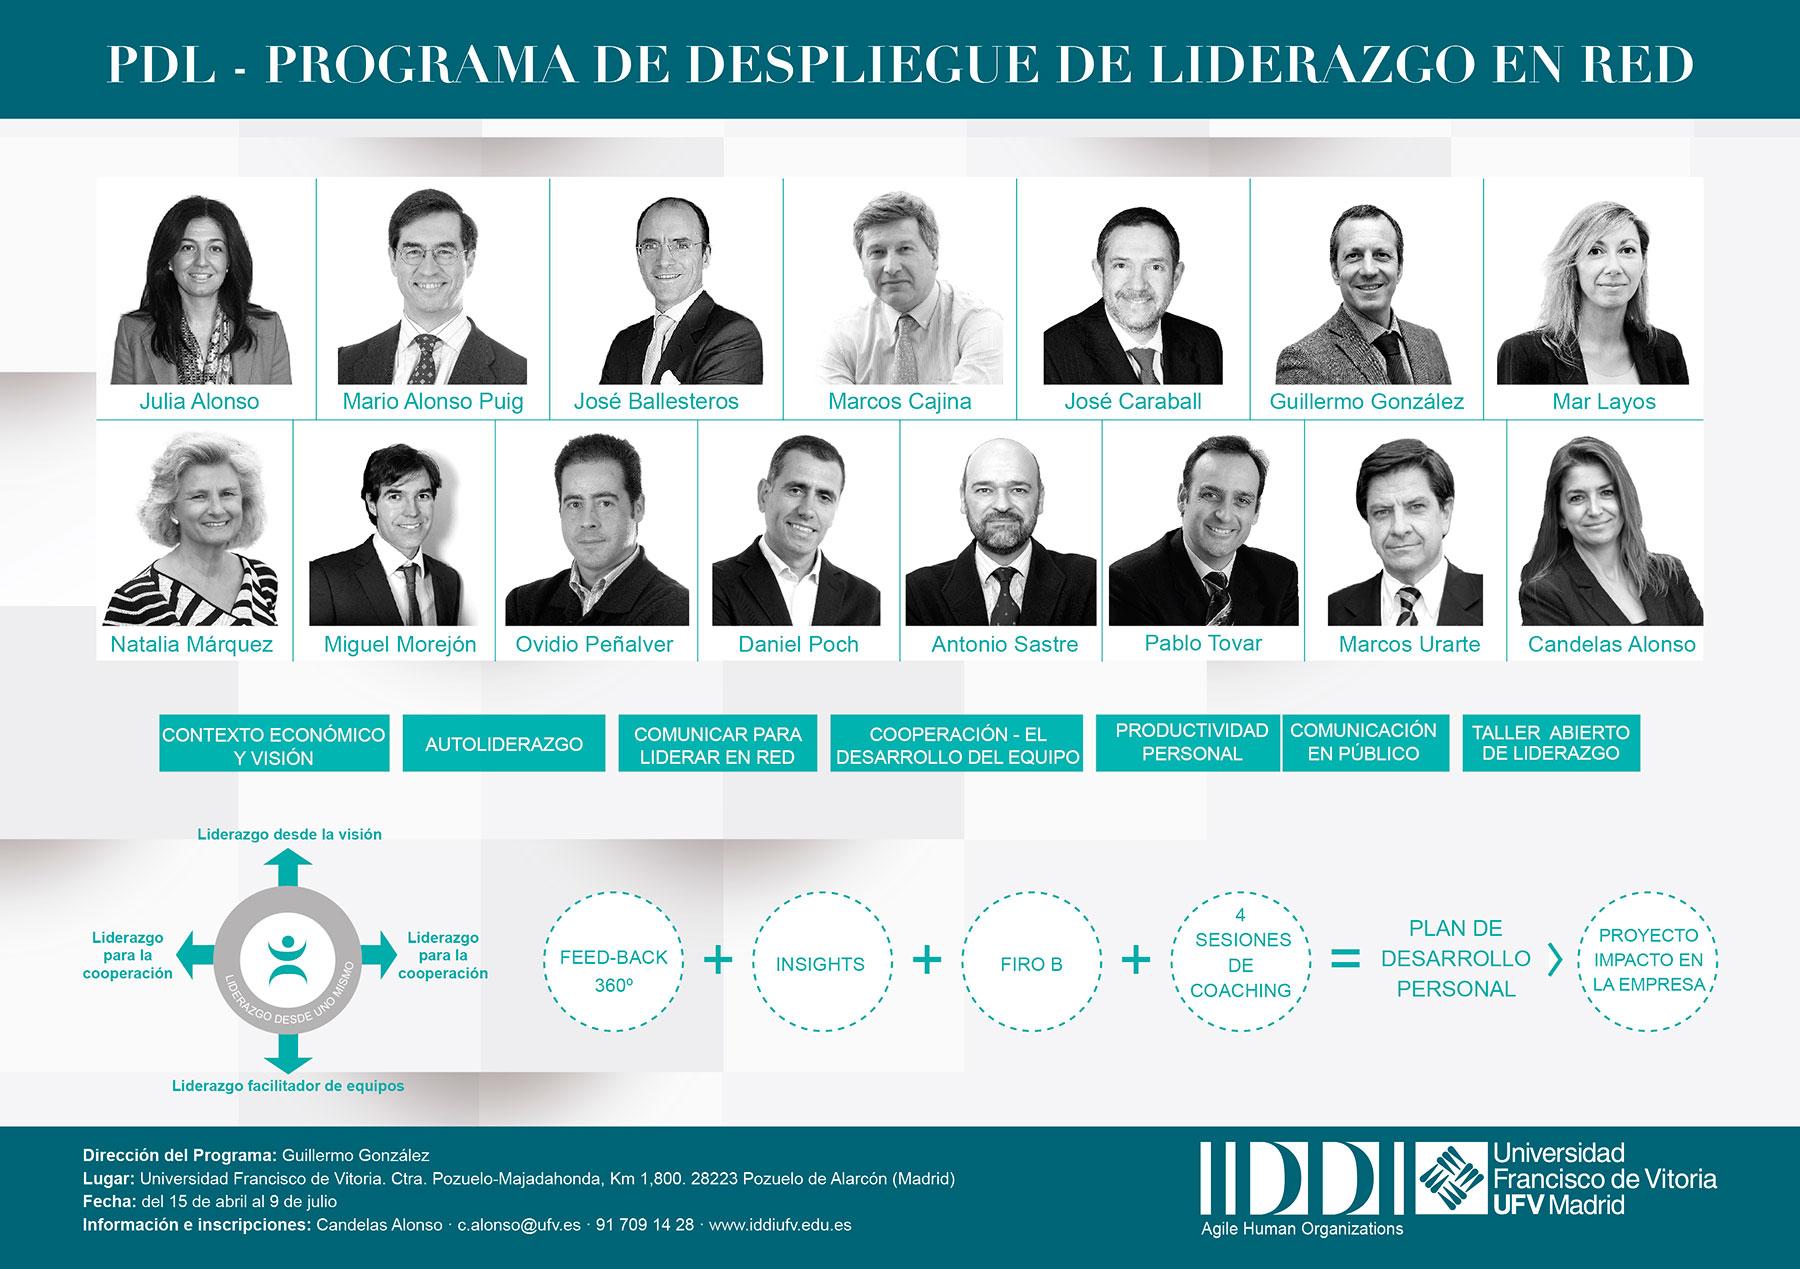 PDL - Programa de Despliegue de Liderazgo en Red